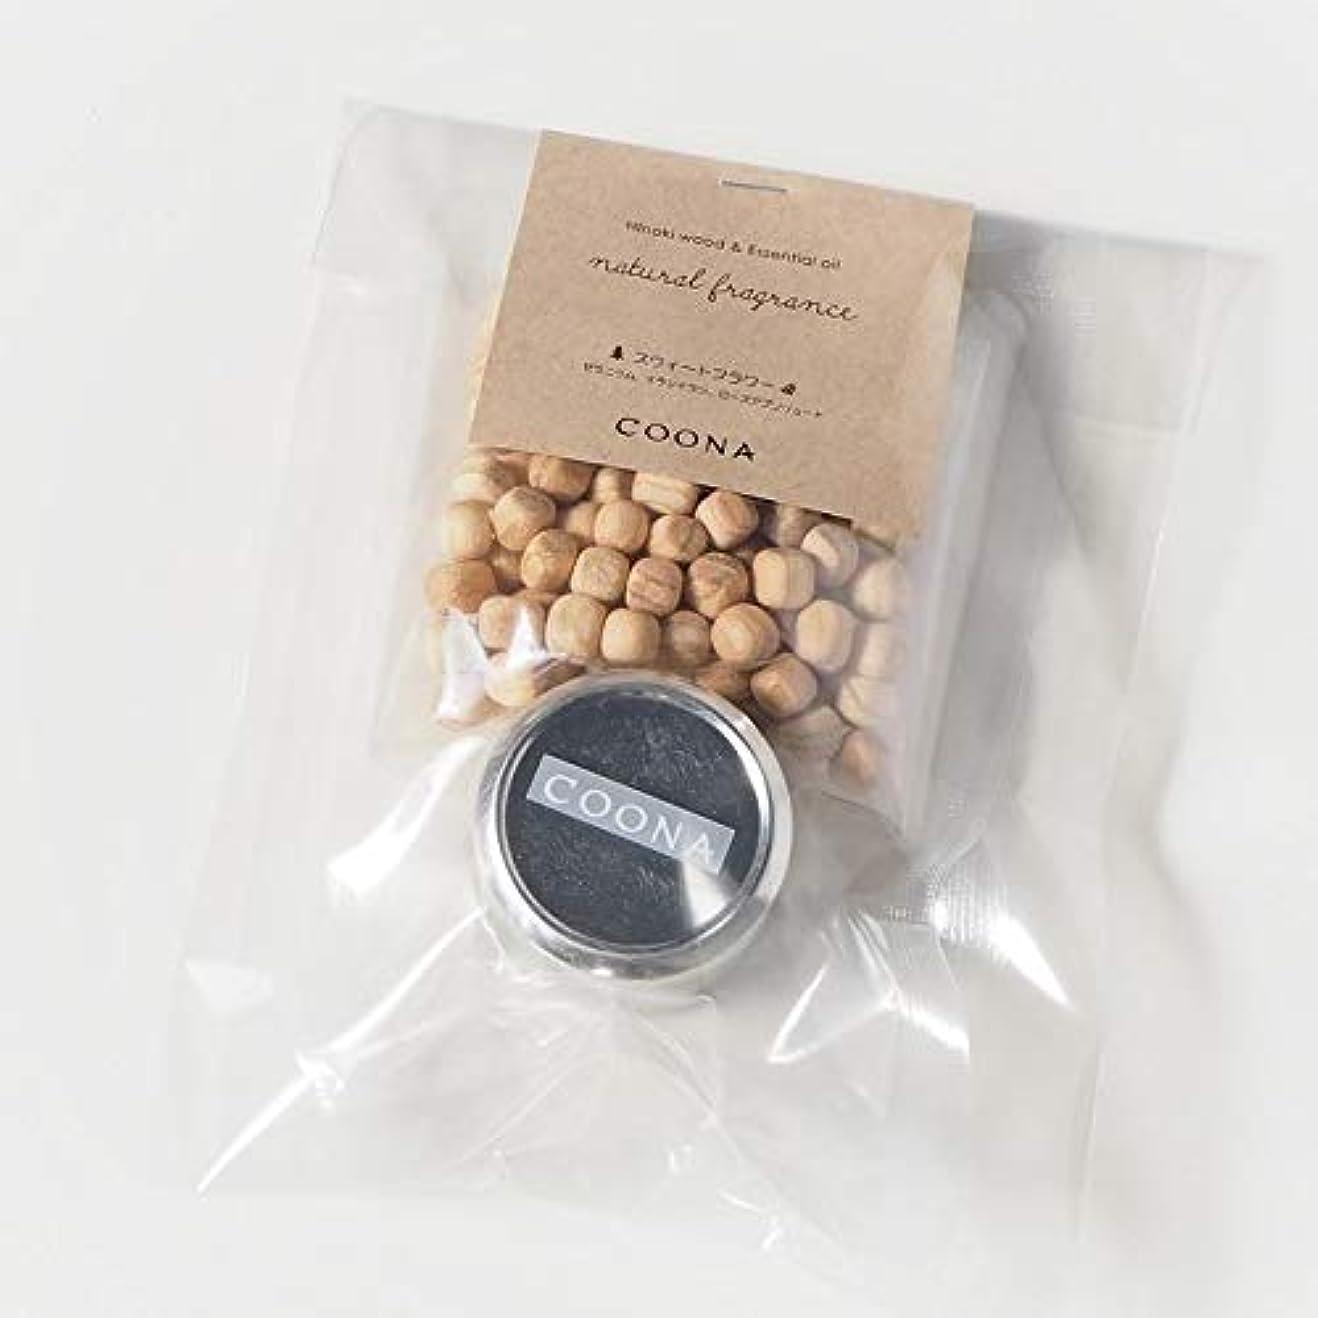 トレイルビュッフェ地理ヒノキ ウッド& エッセンシャルオイル ナチュラルフレグランス (メタル缶付き, 地の香り)